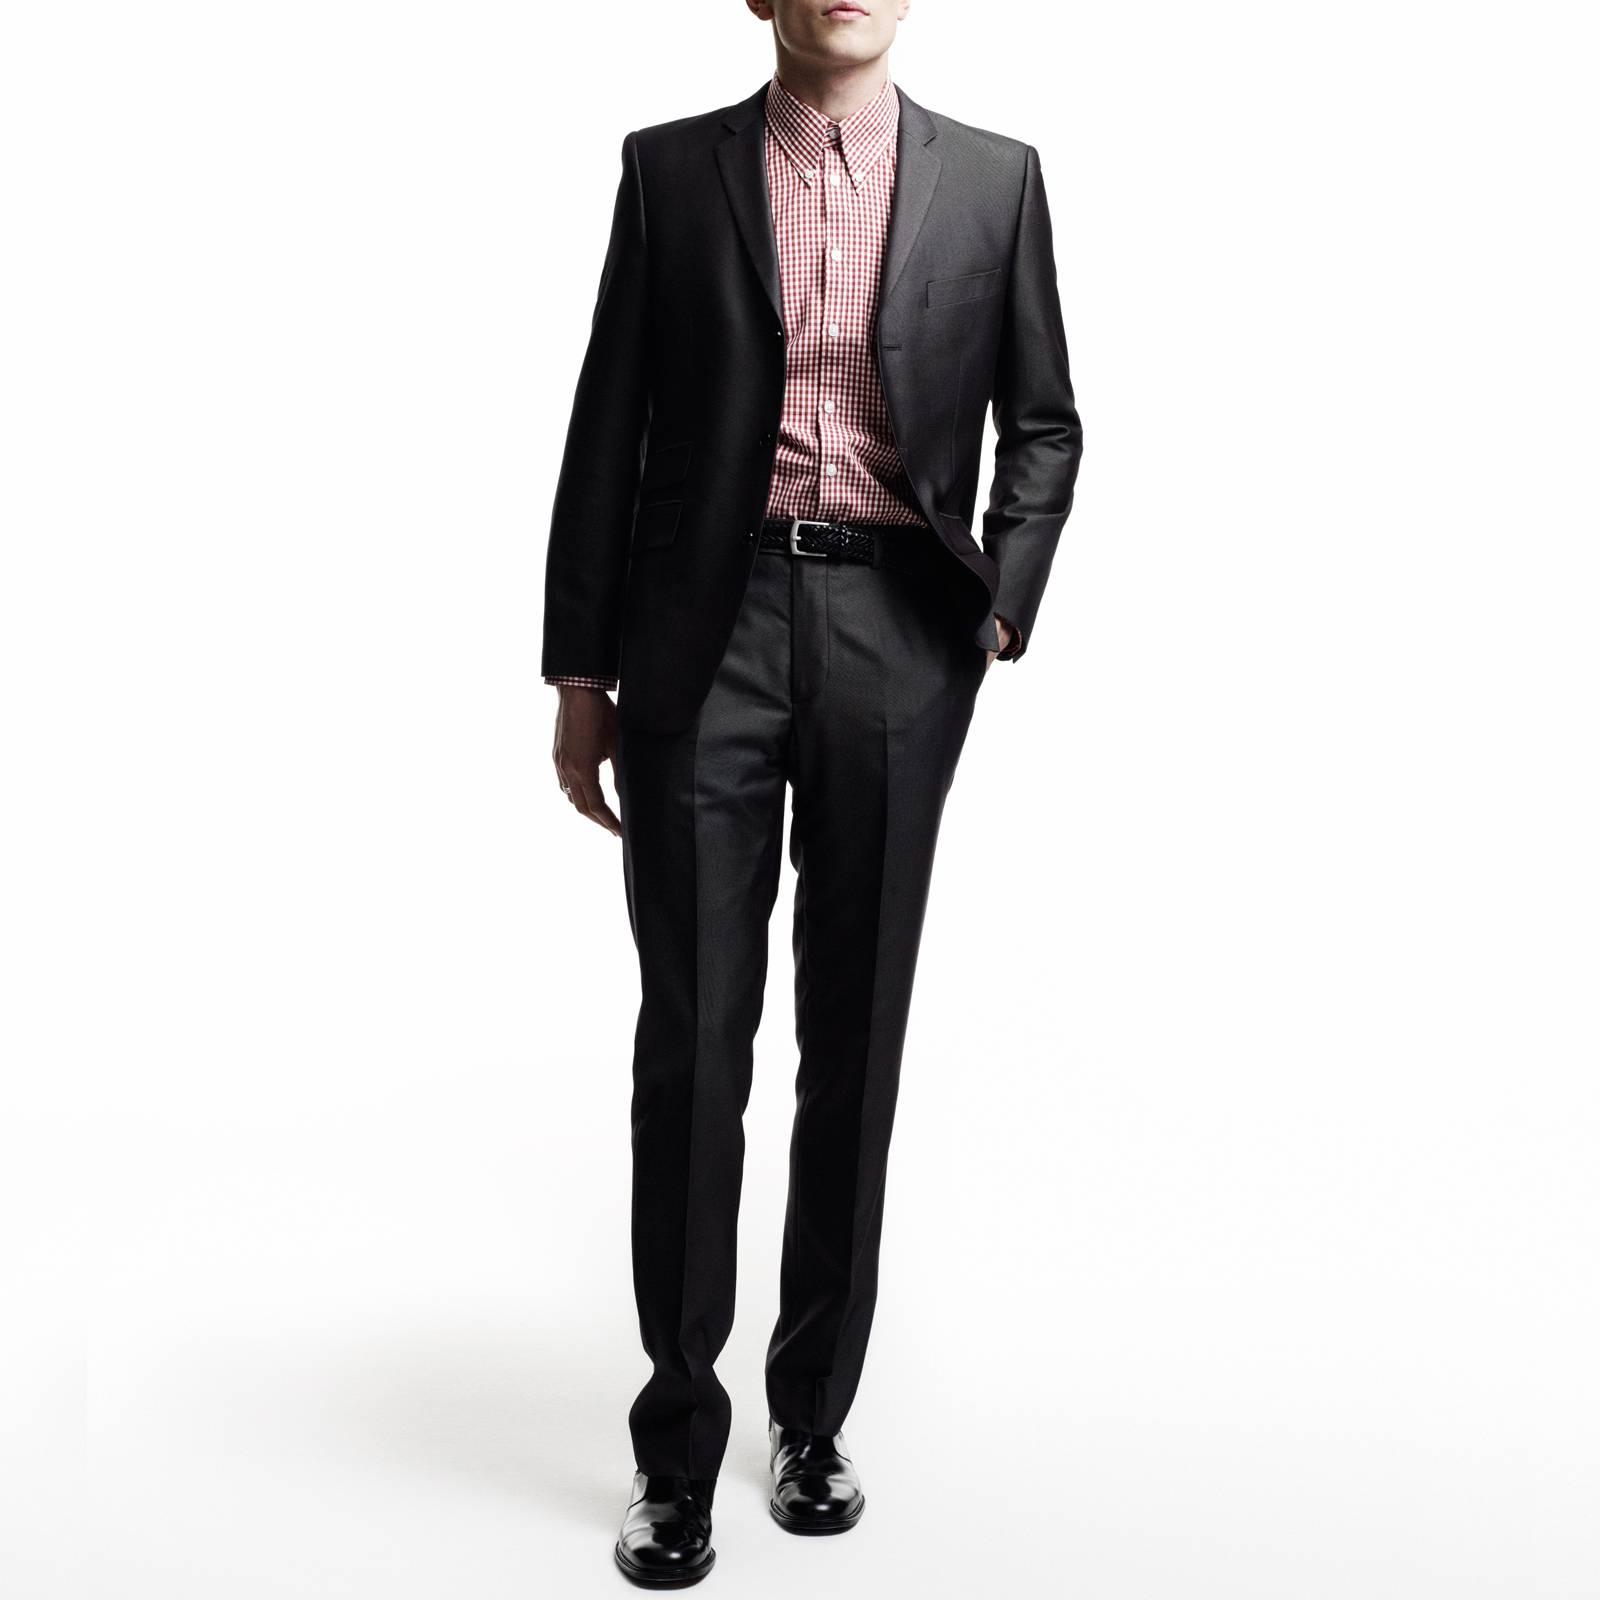 Брюки Gin TrsRude Boy by Merc<br>Мужской костюм-двойка из мягкой комбинированной ткани с эффектом отлива – современная стилизация исторической модели Tonic Suit – иконы mod look 60-х, прославленной британскими модами Свингующего Лондона. Прилегающий пиджак с узкими лацканами и декоративны двойным карманом справа, атласная малиновая подкладка, сужающиеся к низу брюки, – именно в такой костюм одевался культовый персонаж знаменитого фильма о мод-культуре Quadrophenia (Квадрофения) – лондонский мод Джим. Знаковым, исконным элементом мод стиля было сочетание Tonic Suit с мешковатой защитно-зеленой военной фиштейл паркой, сохранявшей наряд во время поездки на скутере. Сегодня этот костюм отлично вписывается как в формальный, так и в клубный smart casual дресс-код в сочетании с рубашкой button-down и классической обувью Челси или Дерби. Подкладка - 50% полиэстер, 50% ацетат.<br><br>Артикул: 1210109T<br>Материал: 77% полиэстер, 23% вискоза<br>Цвет: мокрого асфальта<br>Пол: Мужской